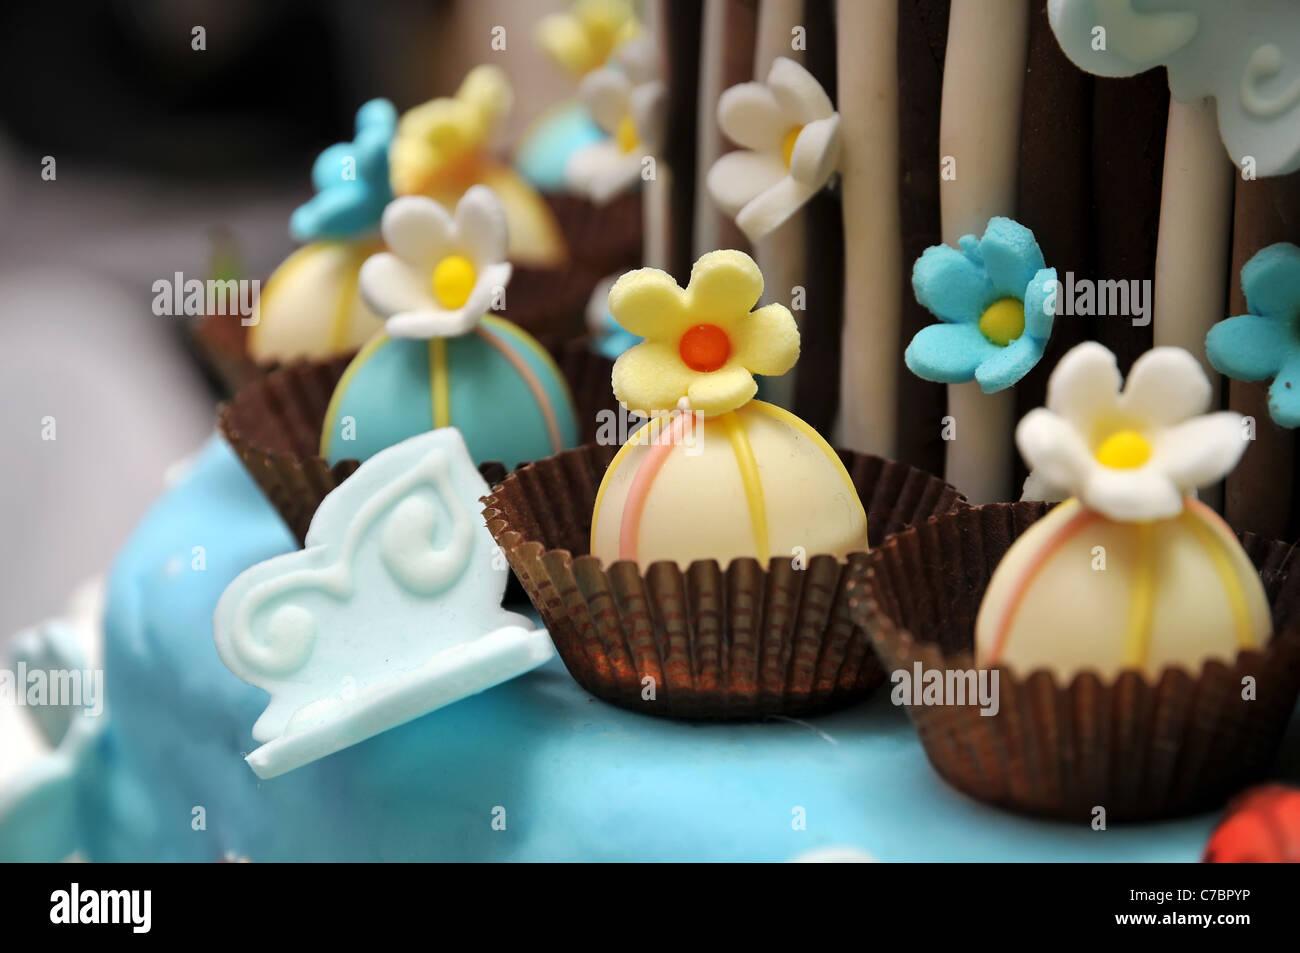 Flowers cake decoration - Stock Image